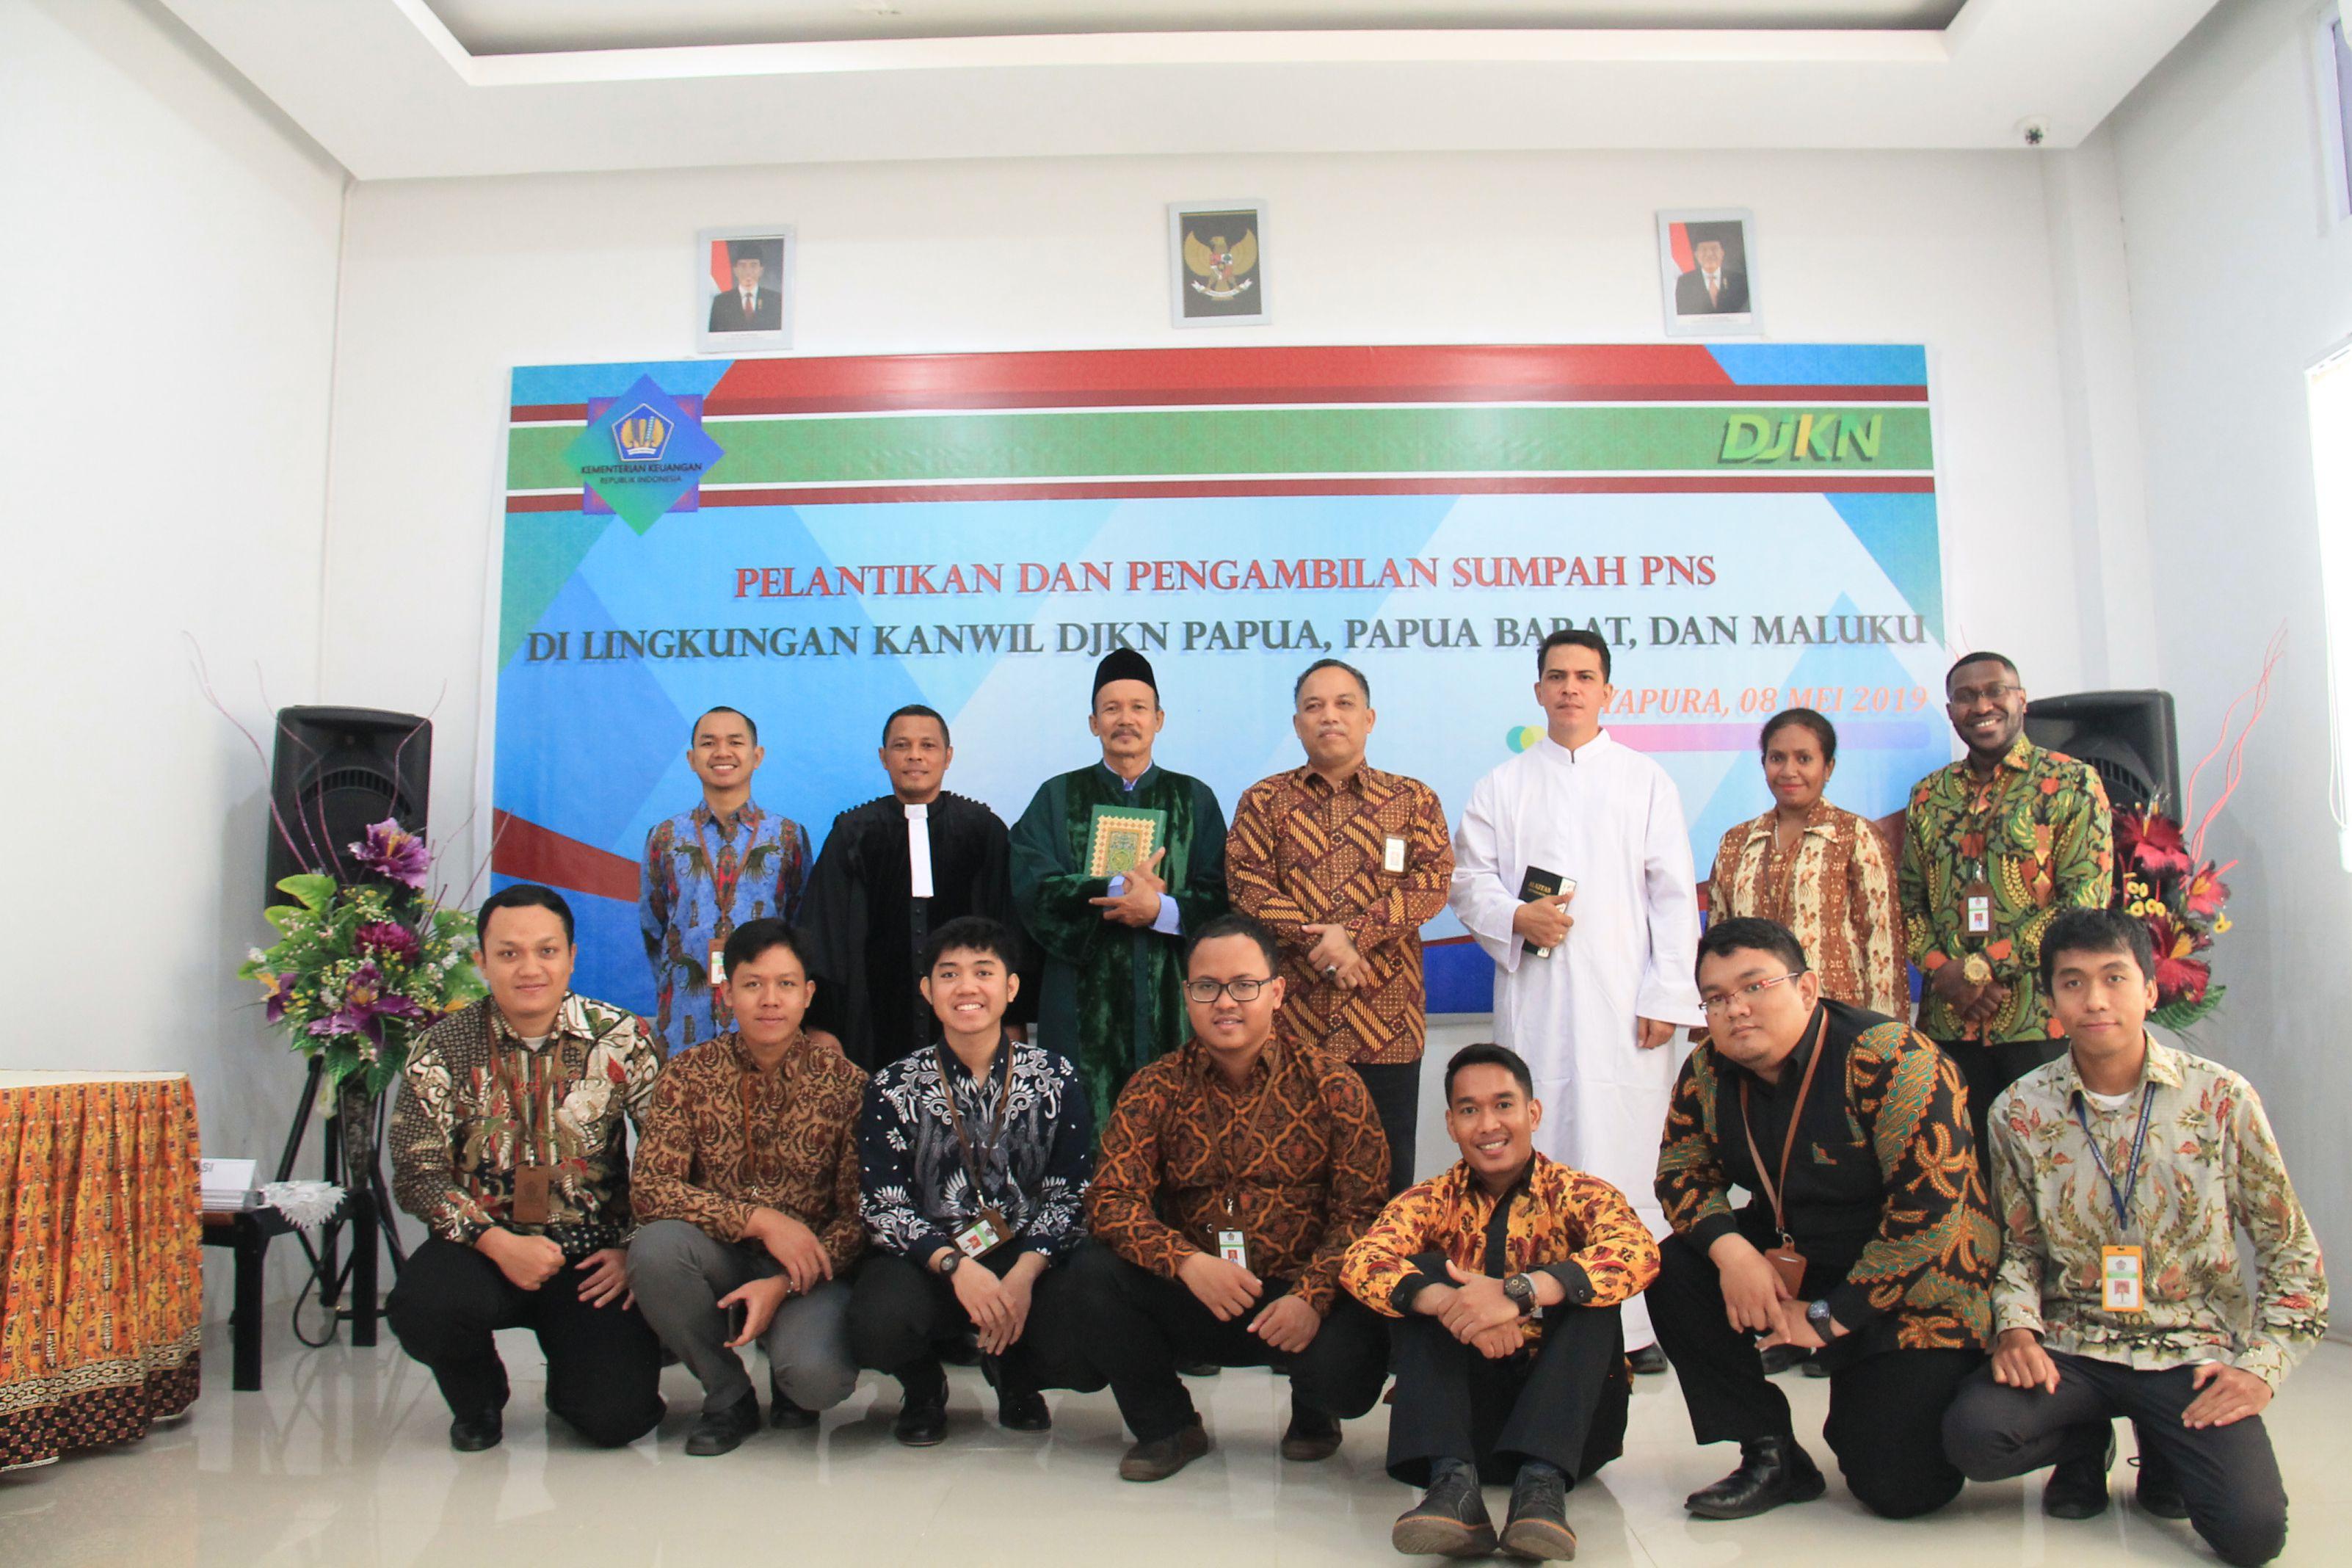 Pelantikan dan Pengambilan Sumpah PNS Golongan III di Lingkungan Kanwil DJKN Papabaruku